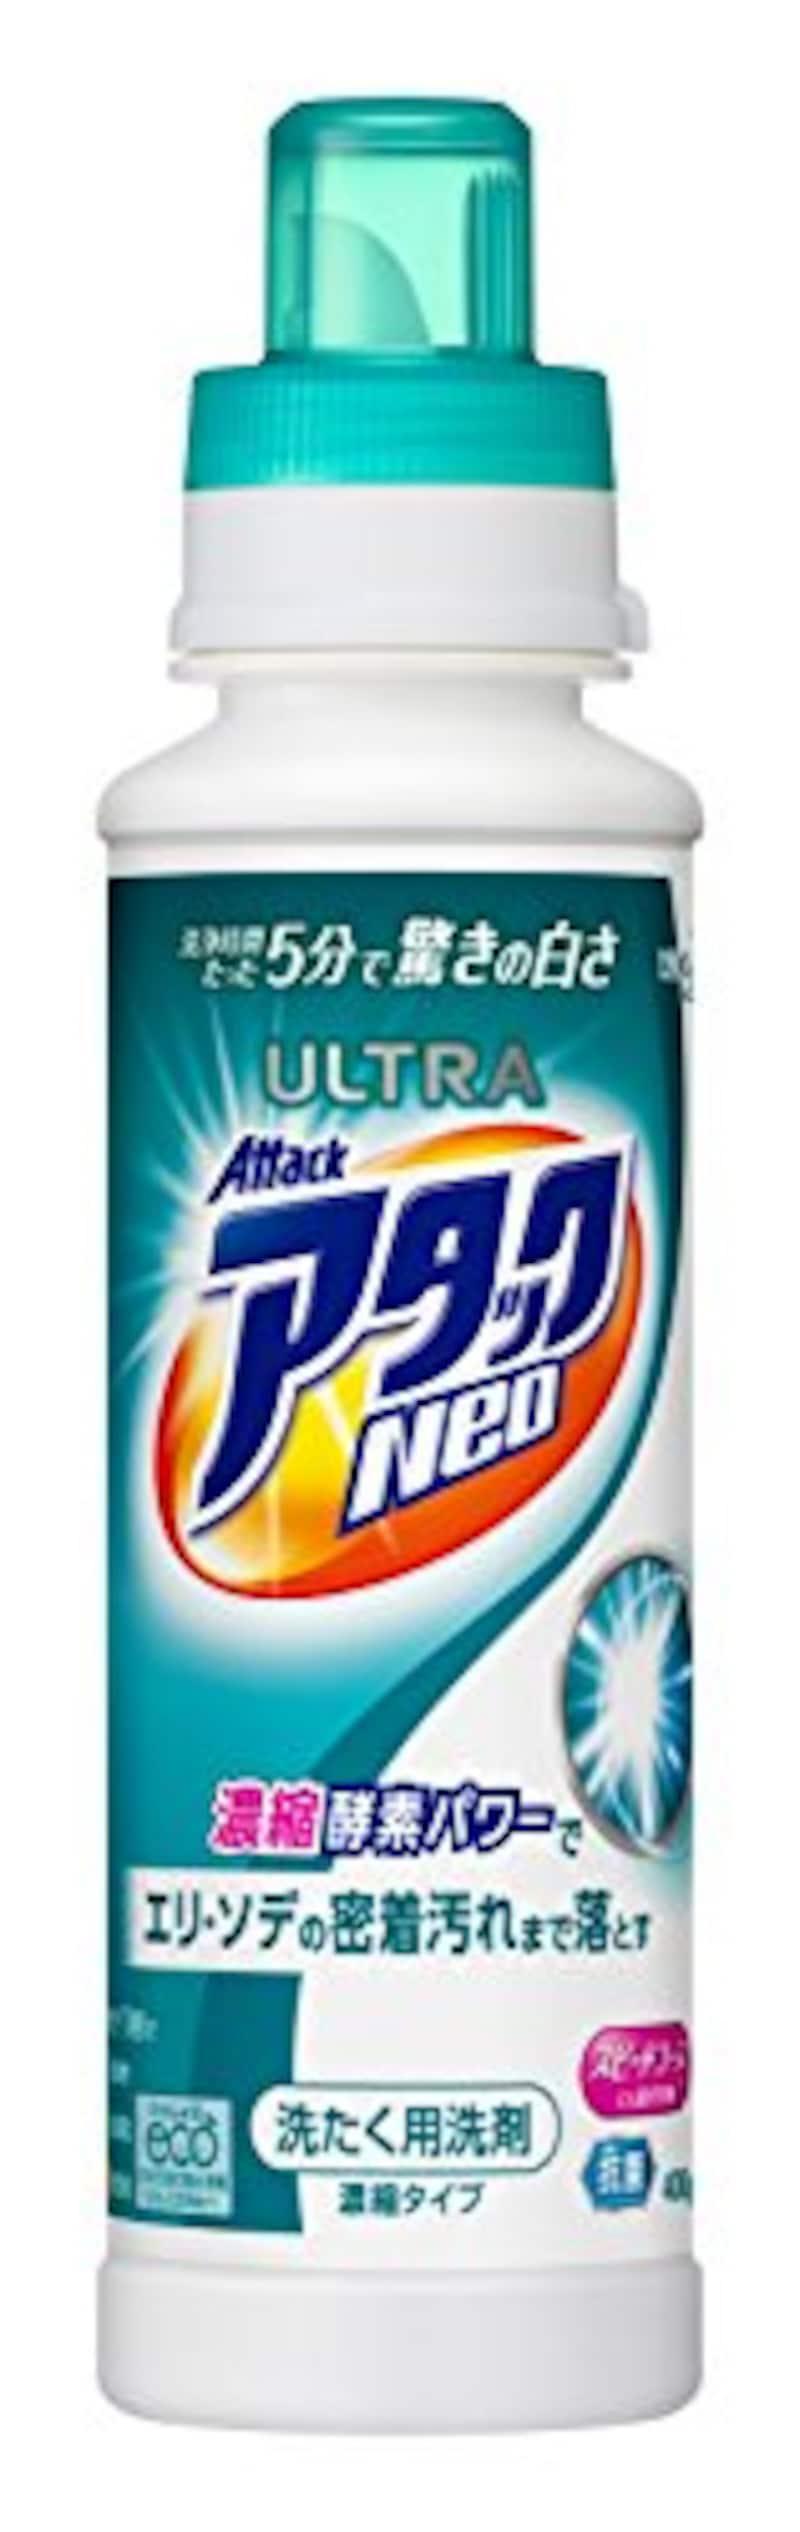 ウルトラアタックNeo 洗濯洗剤 濃縮液体 本体 400g